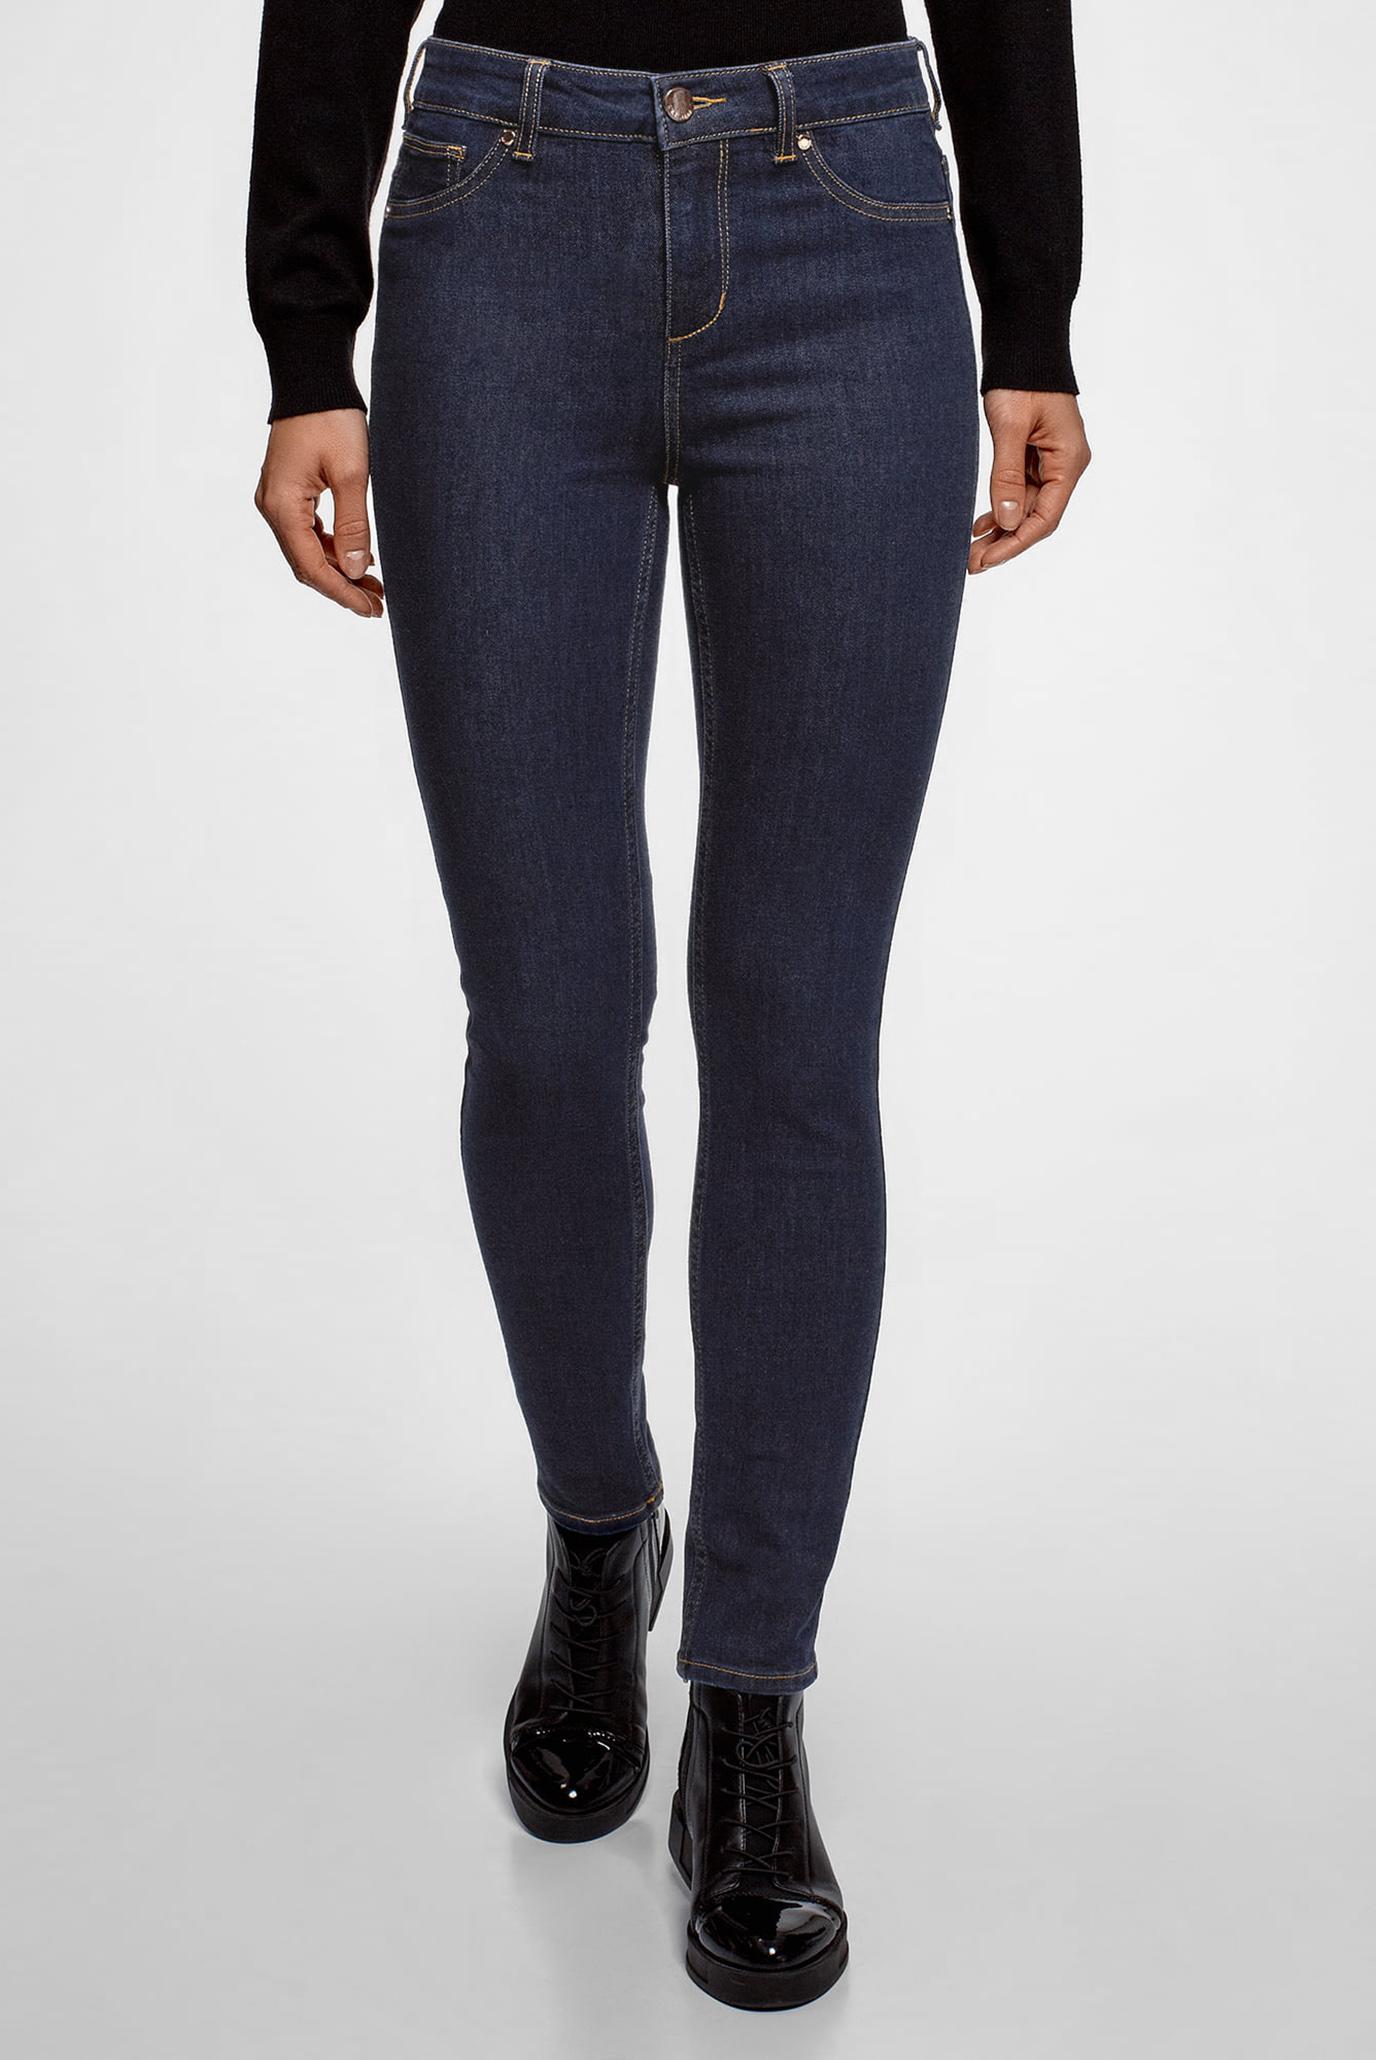 Купить Женские синие джинсы скинни Oodji Oodji 12104065-1B/46734/7900W – Киев, Украина. Цены в интернет магазине MD Fashion